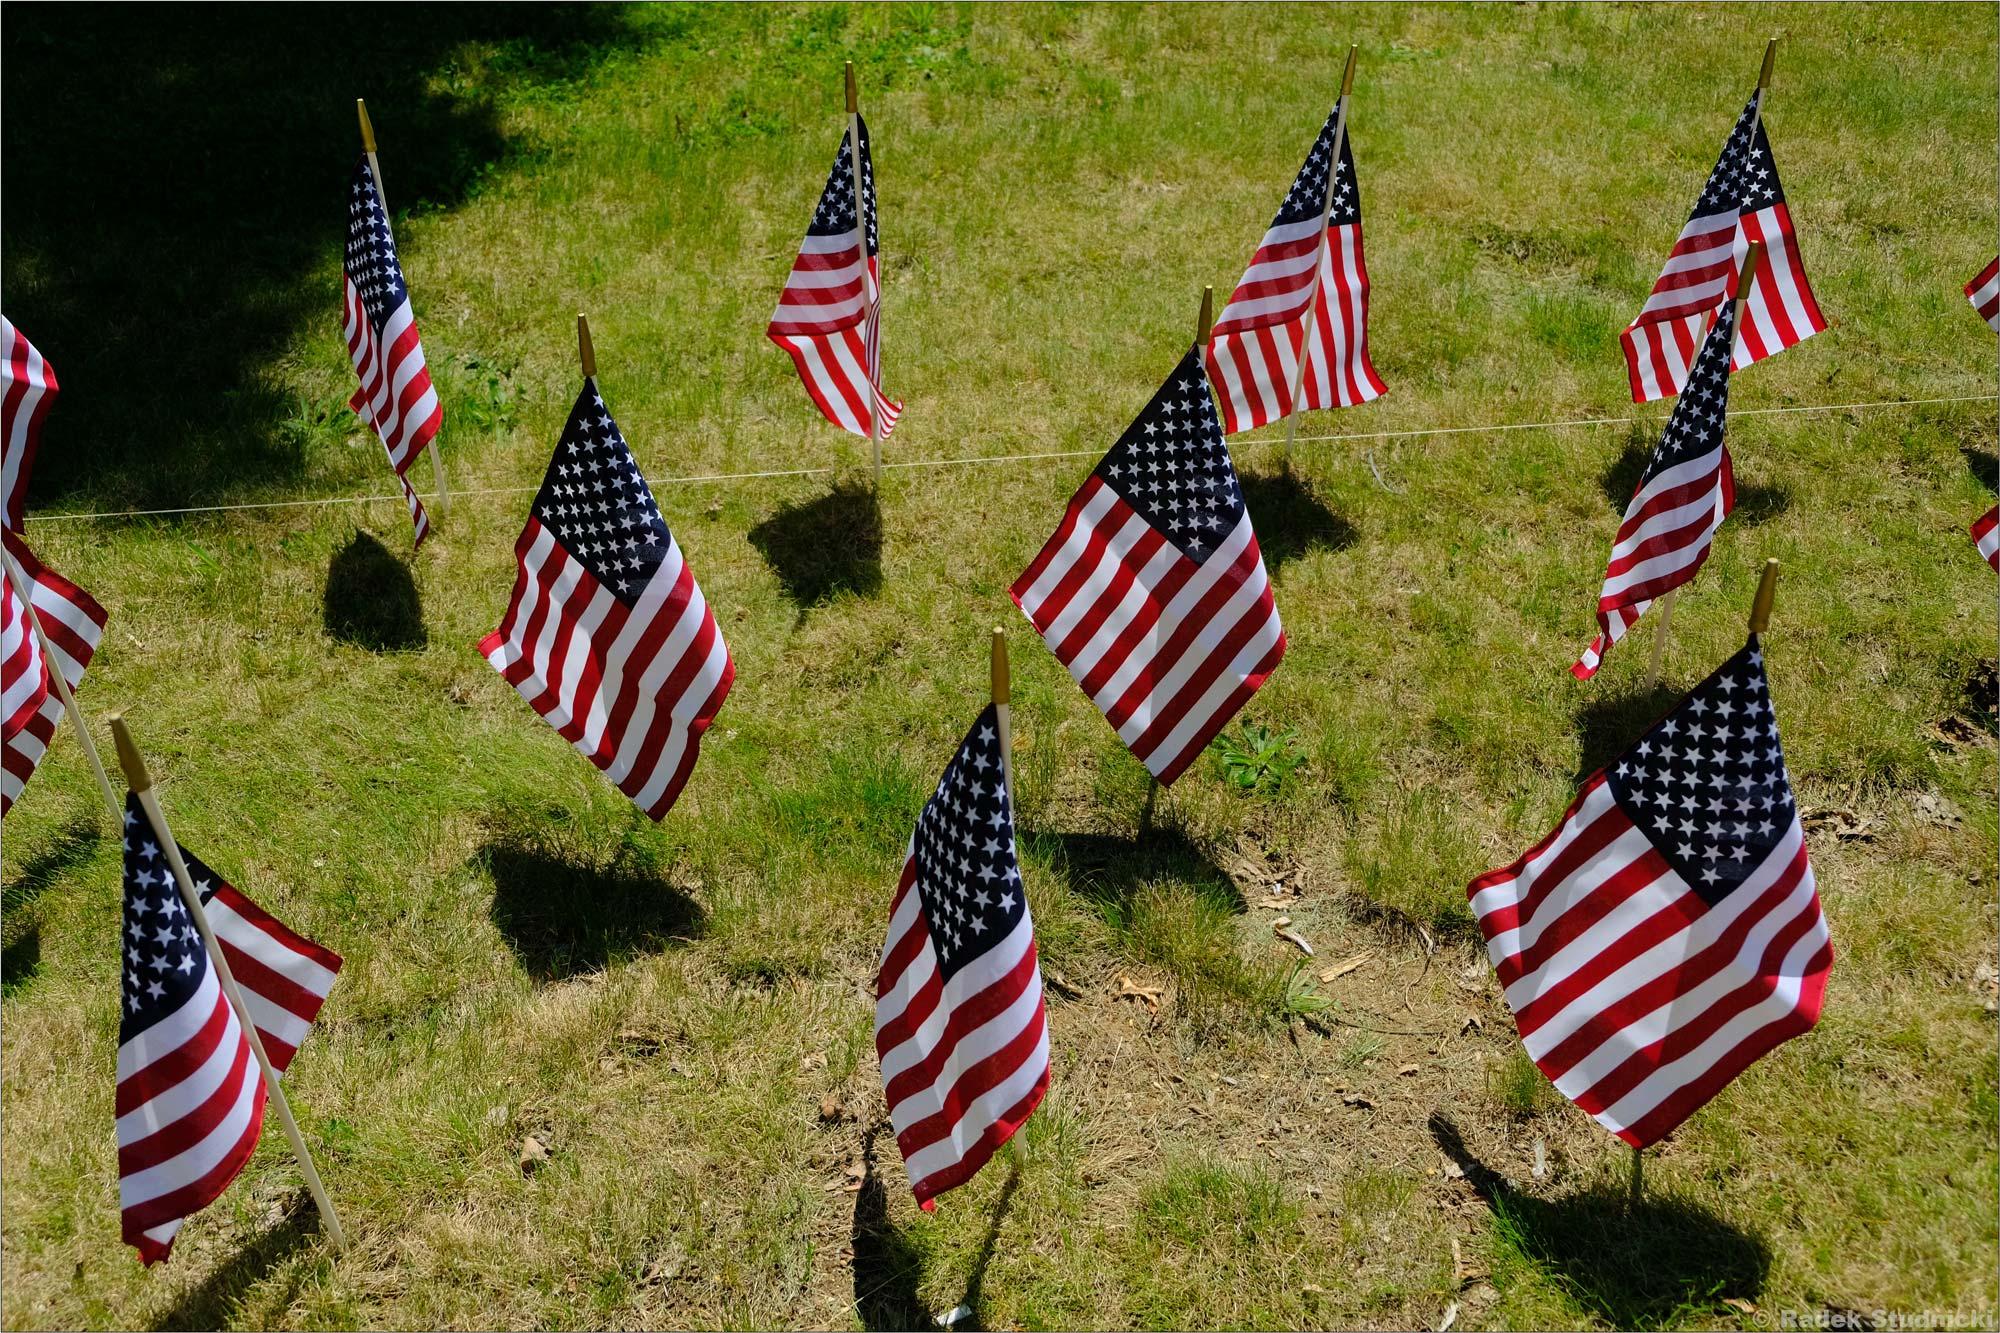 Amerykańskie flagi w Memorial Day